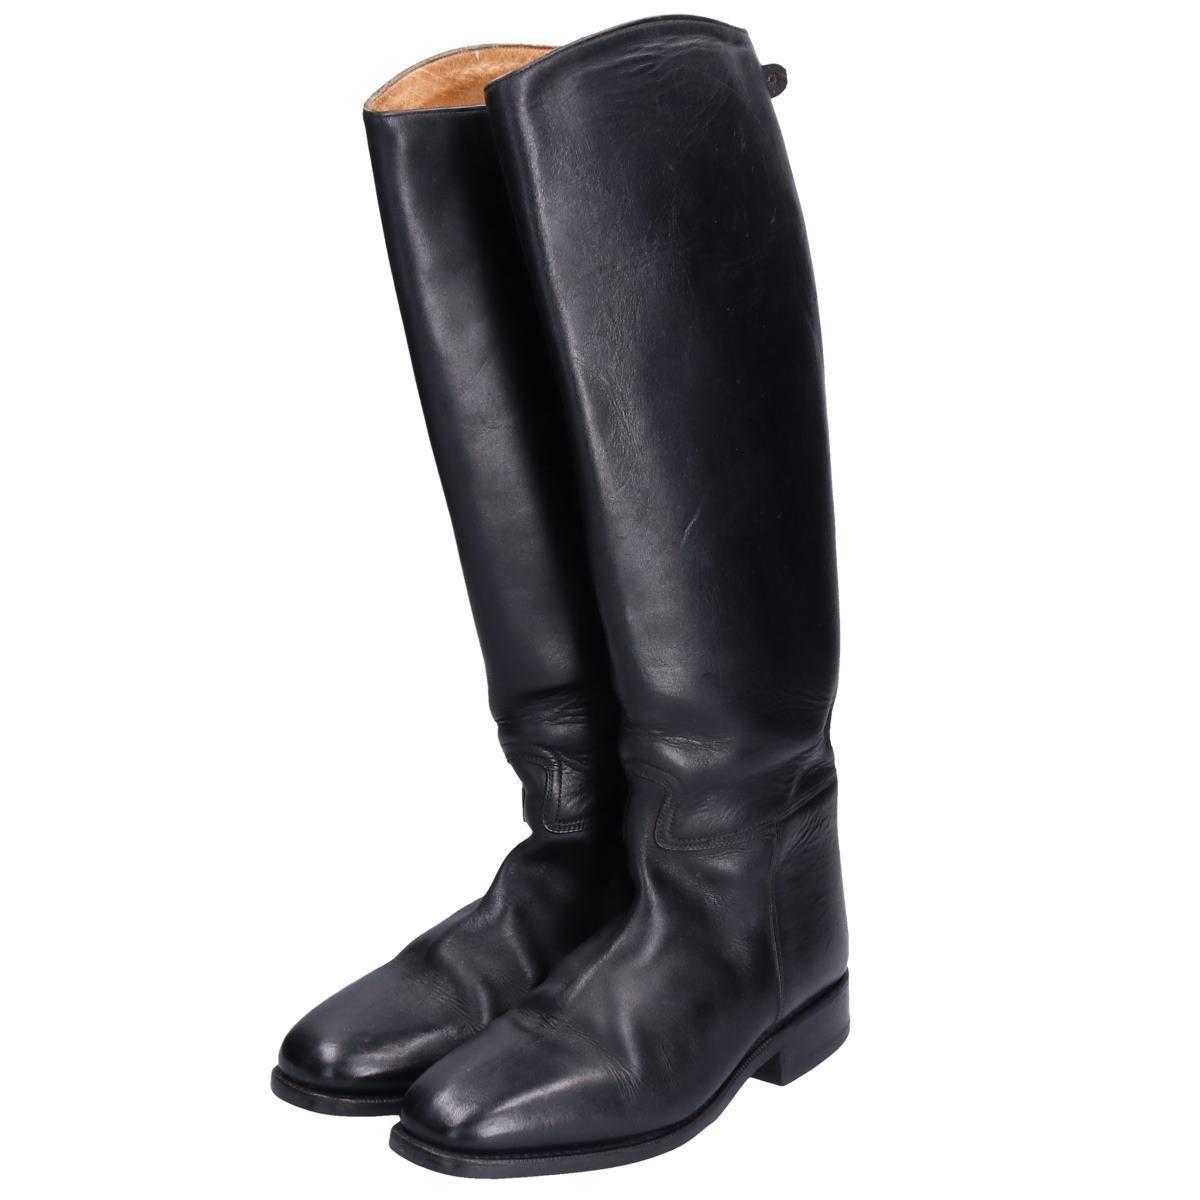 カバロ Cavallo ジョッキー乗馬ブーツ 6.5 メンズ25.5cm /bop6571 【中古】 【190922】